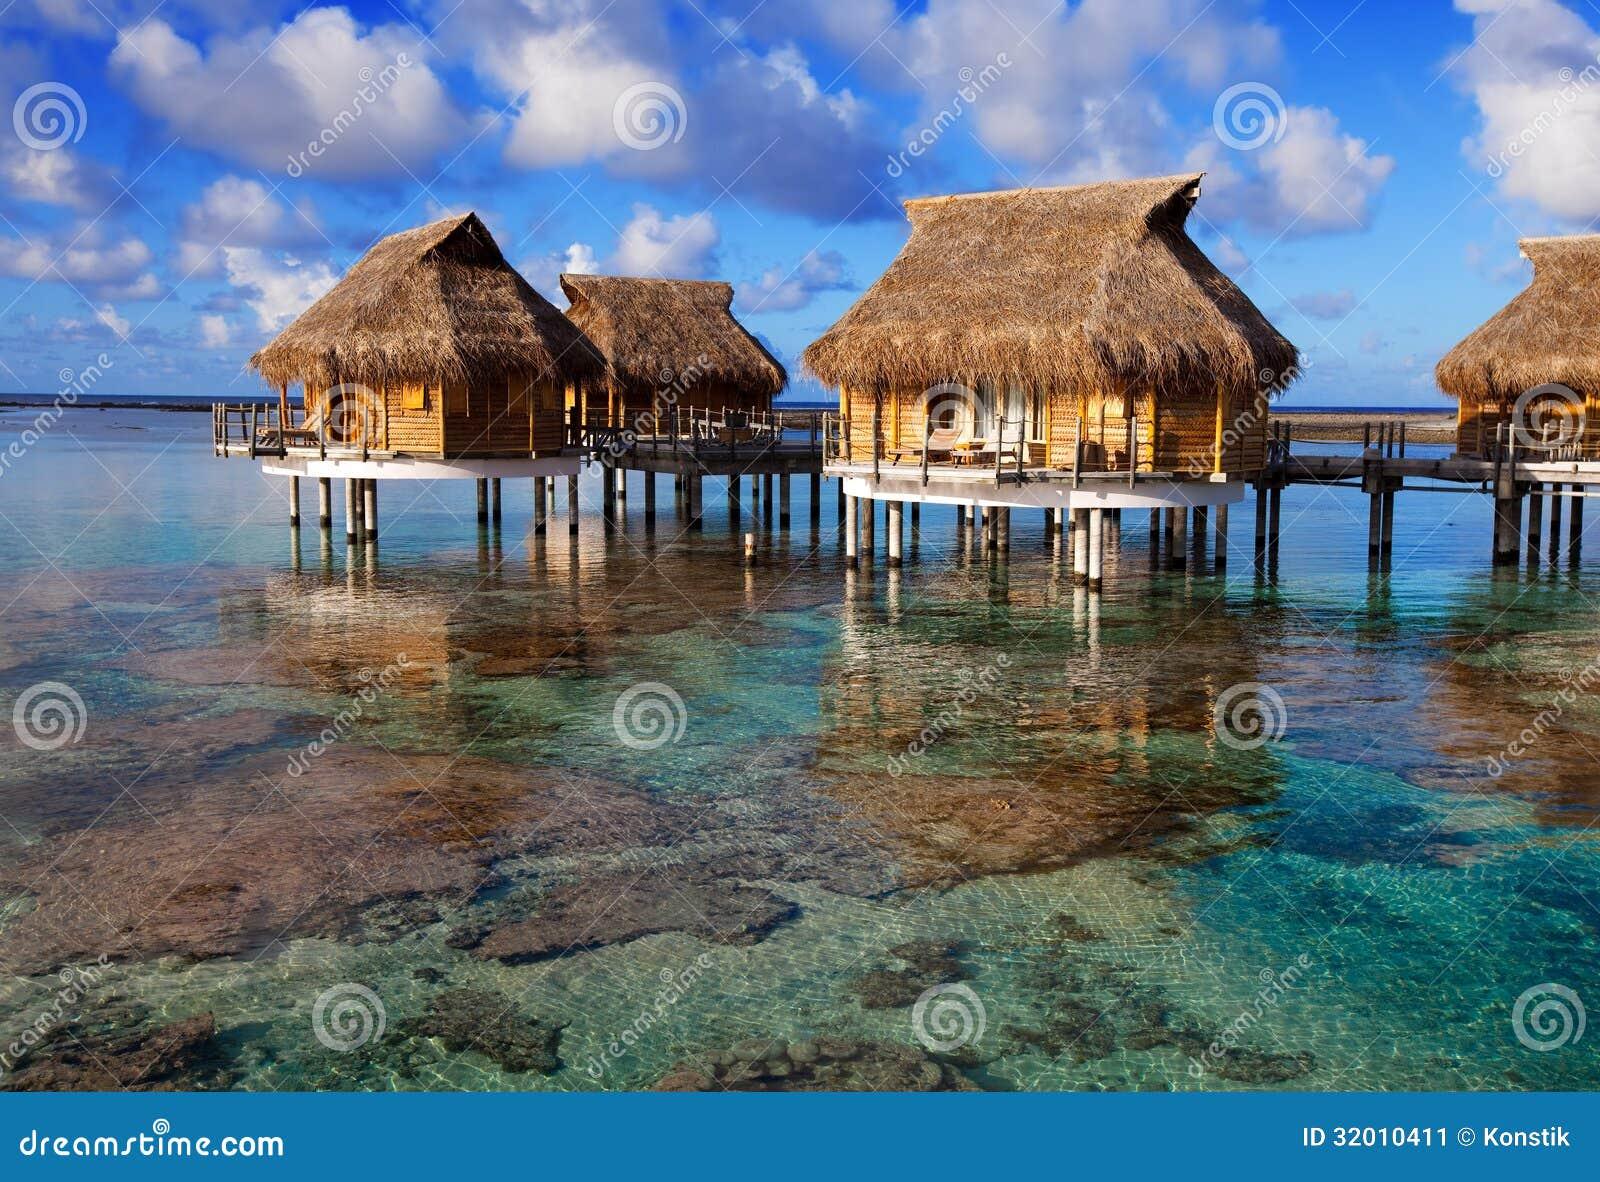 Casas Sobre La Agua De Mar Reservada Transparente. Ciérrese Para ...